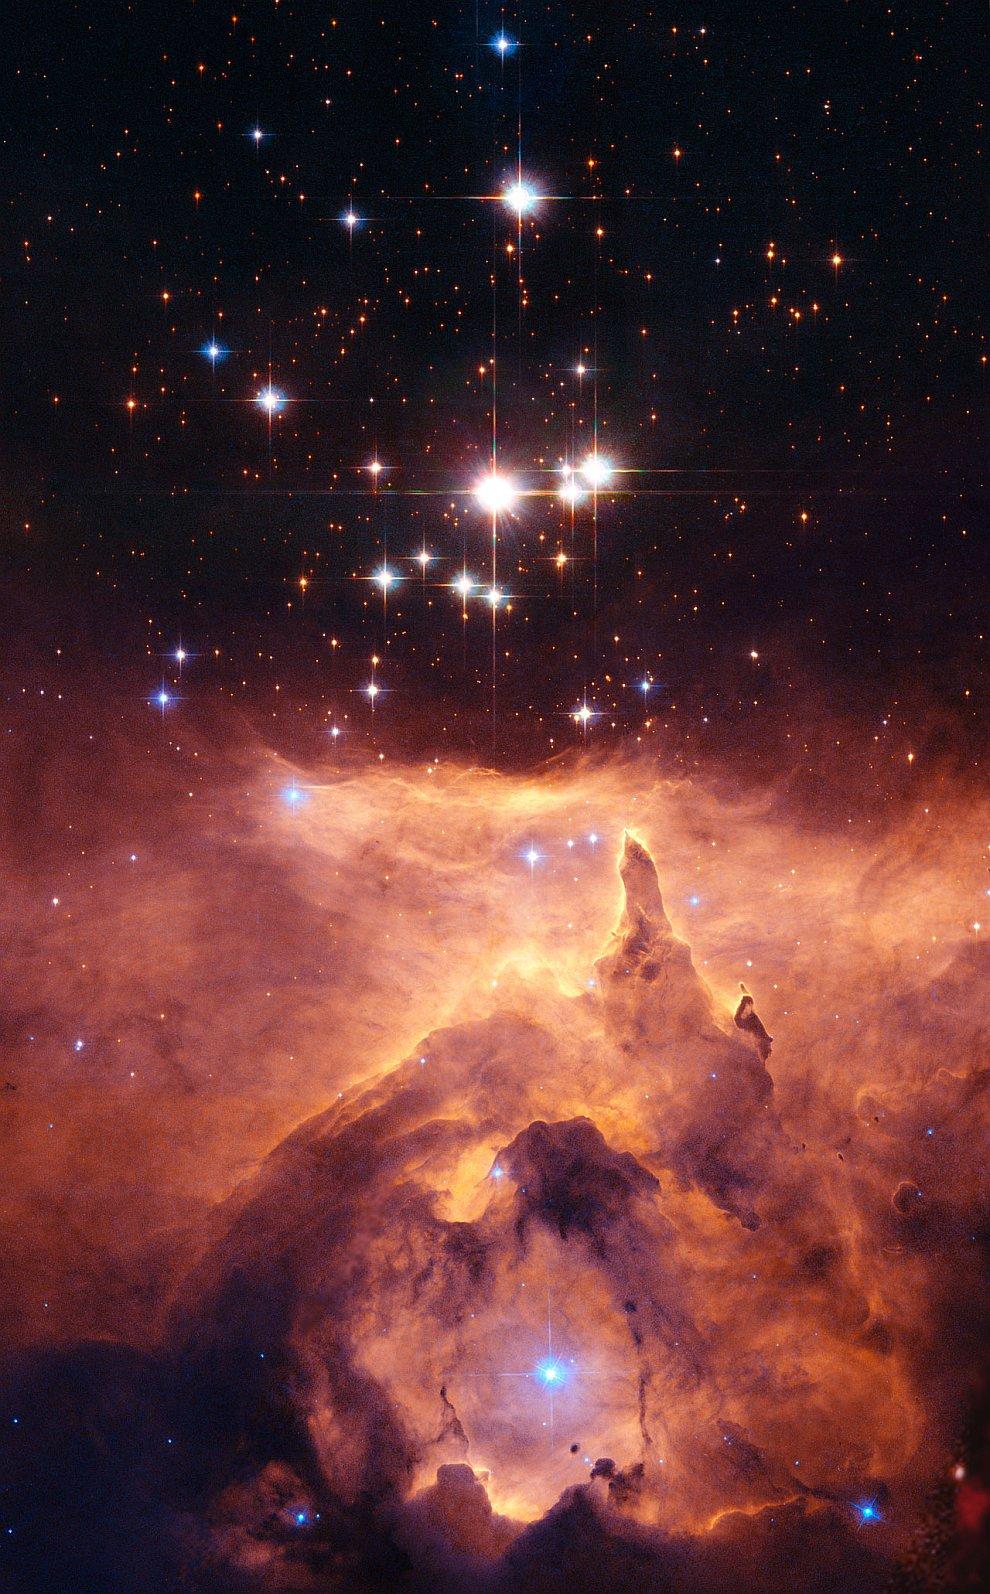 Эмиссионная туманность NGC 6357 с рассеянным скоплением в созвездии Скорпион.